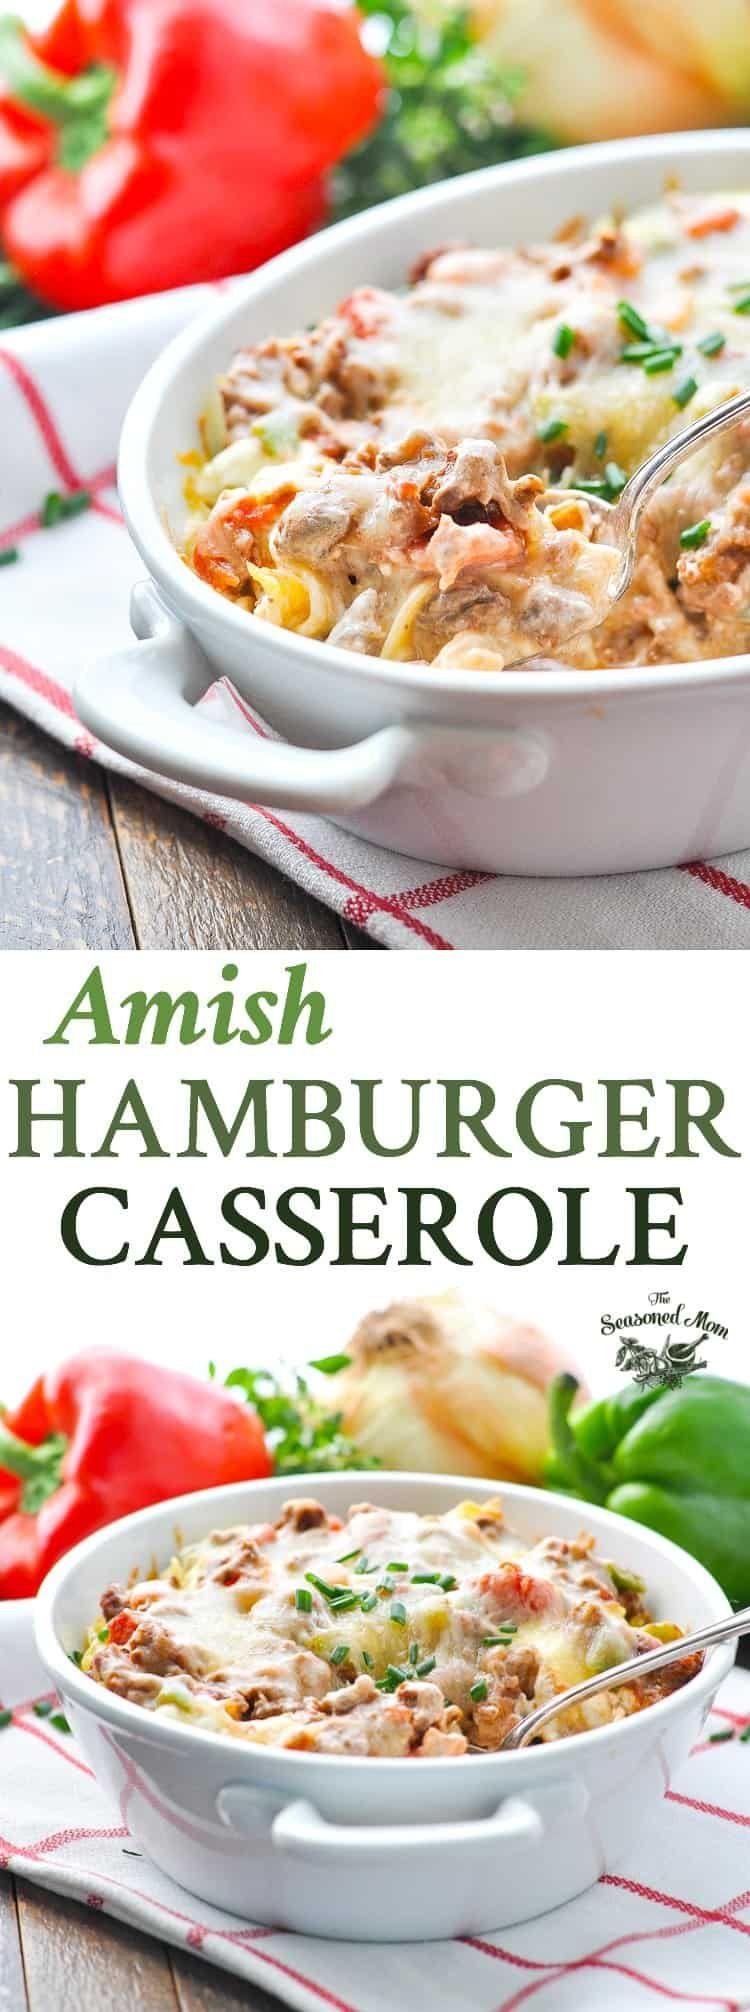 Amish Hamburger Casserole images